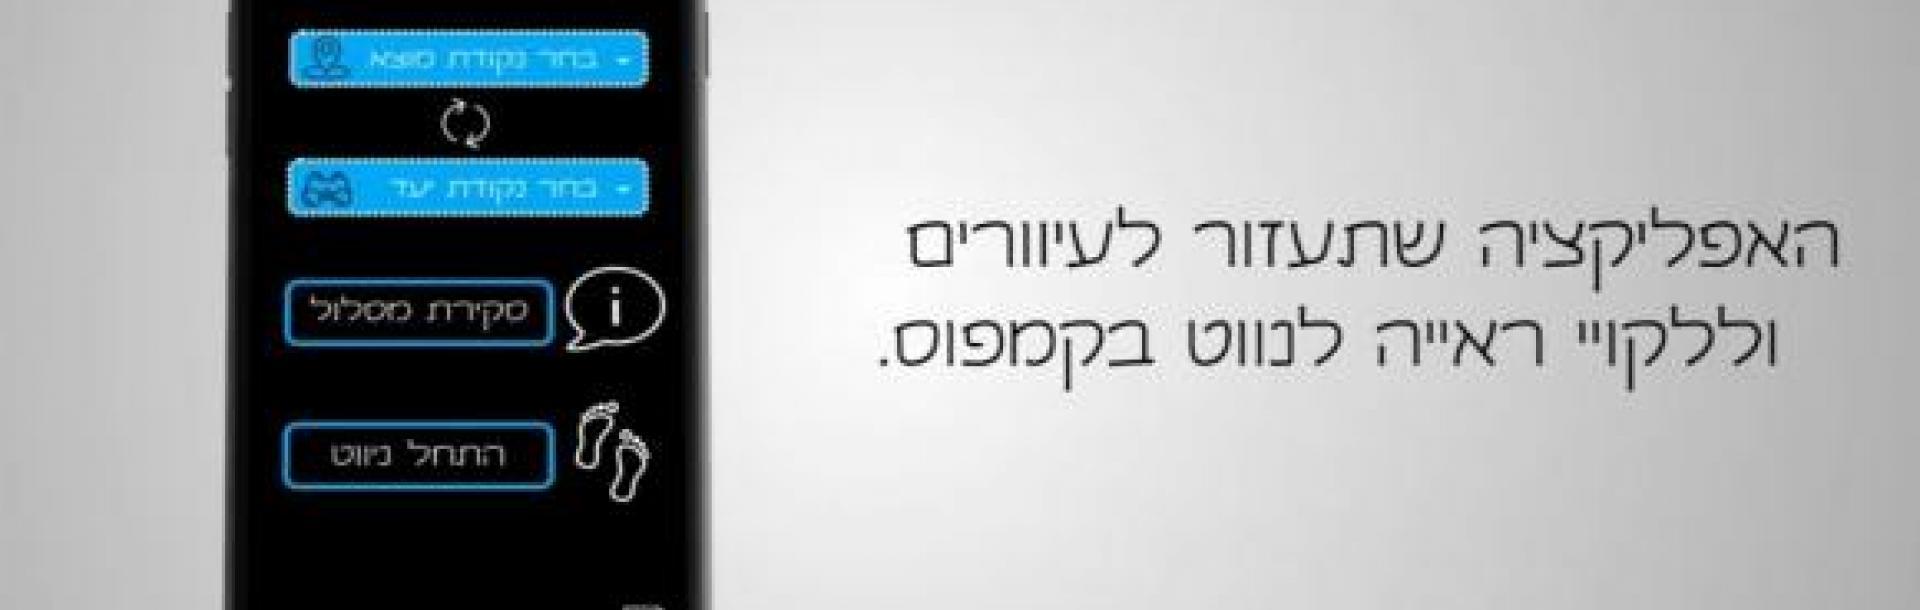 TAU-walks: האפליקציה שתעזור לעיוורים וללקויי ראייה לנווט בקמפוס